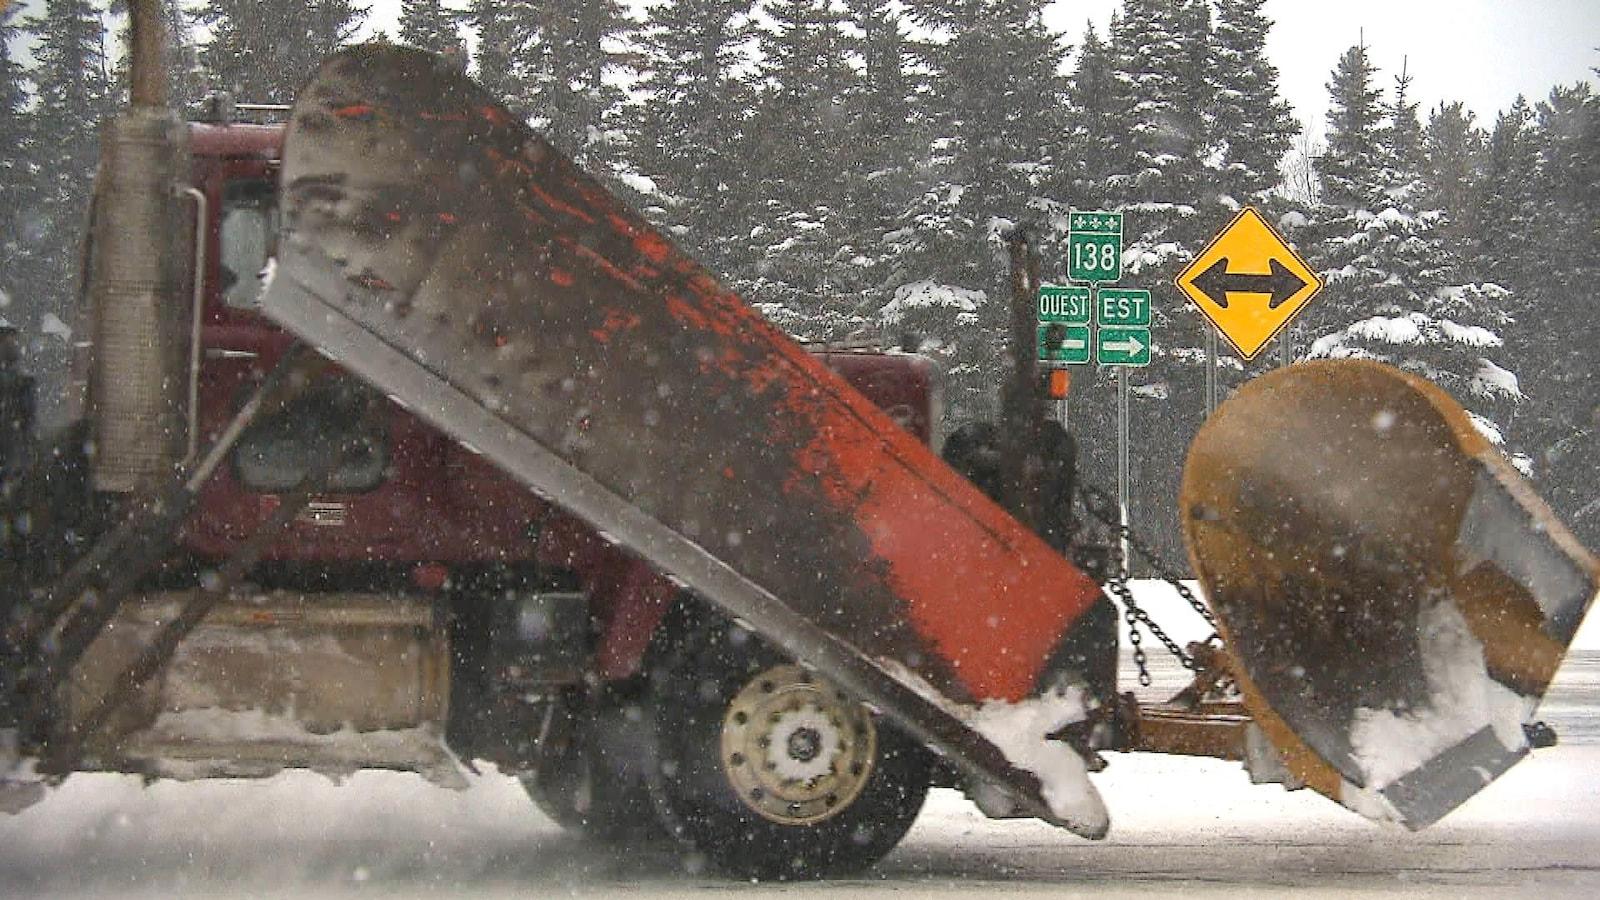 Un gros camion muni d'une niveleuse circule dans la neige sur la route 138